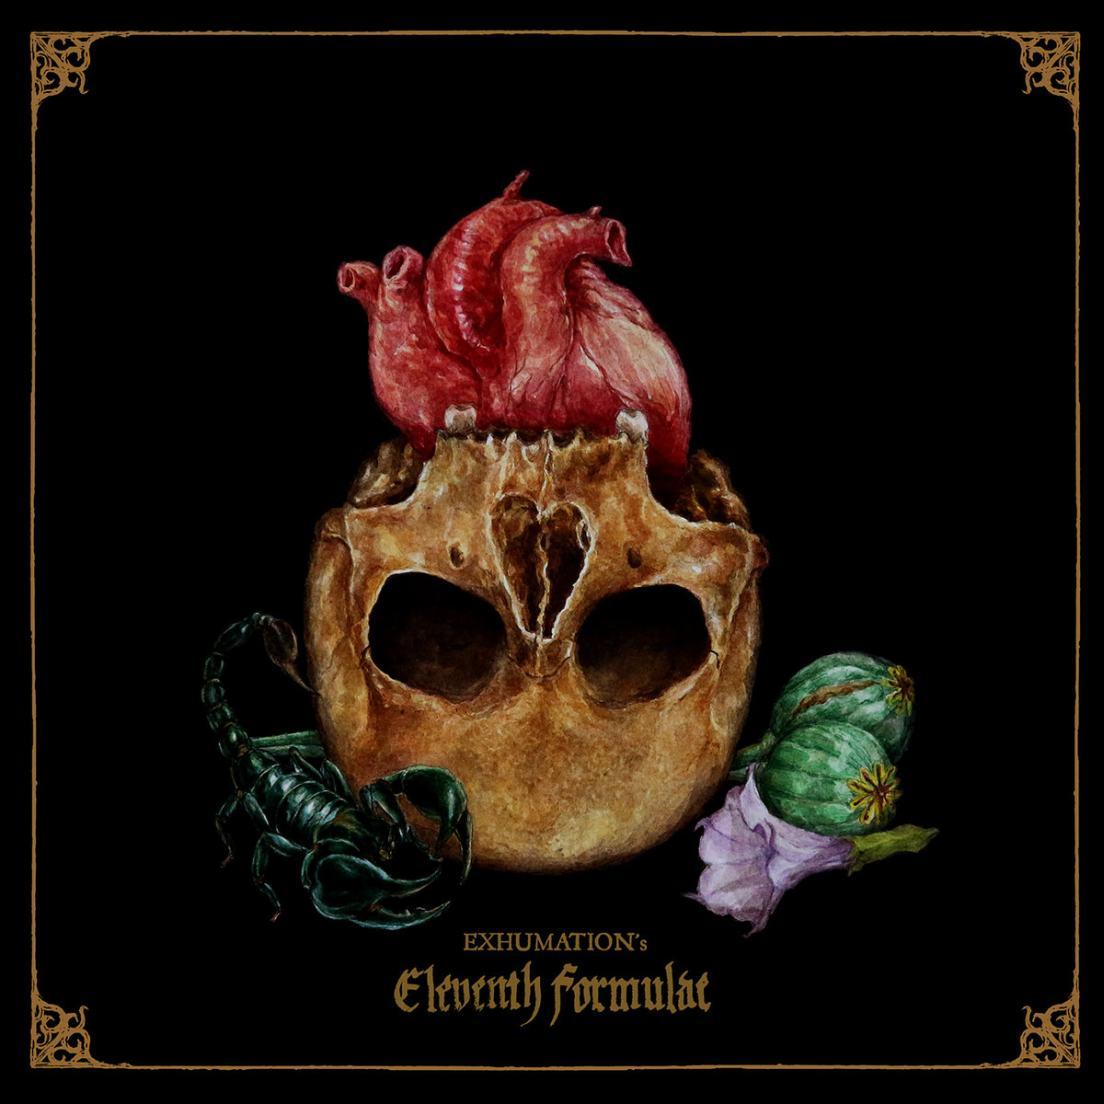 exhumation [idn] – eleventh formulae